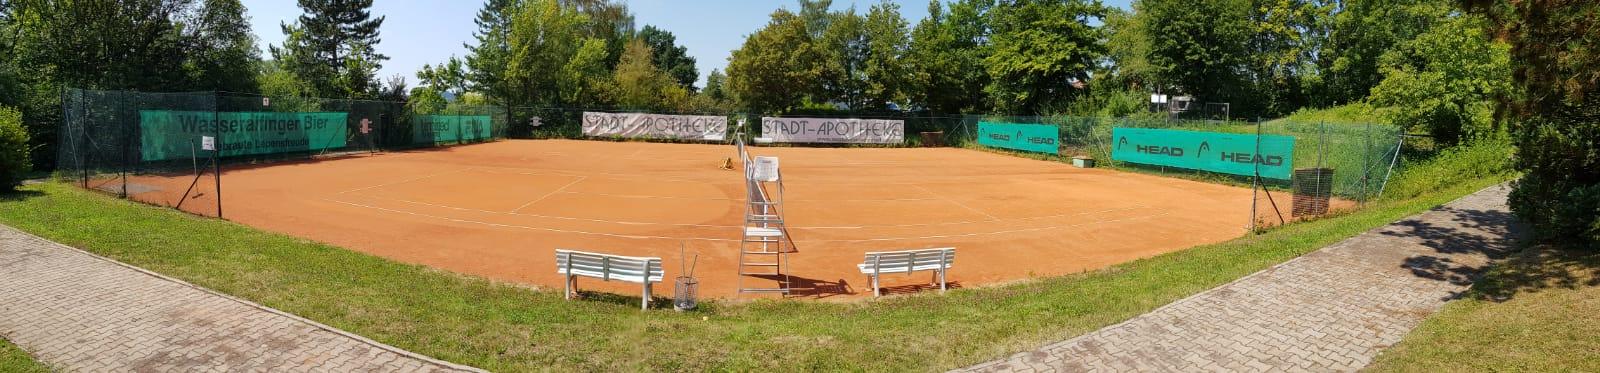 Tennis Aalen